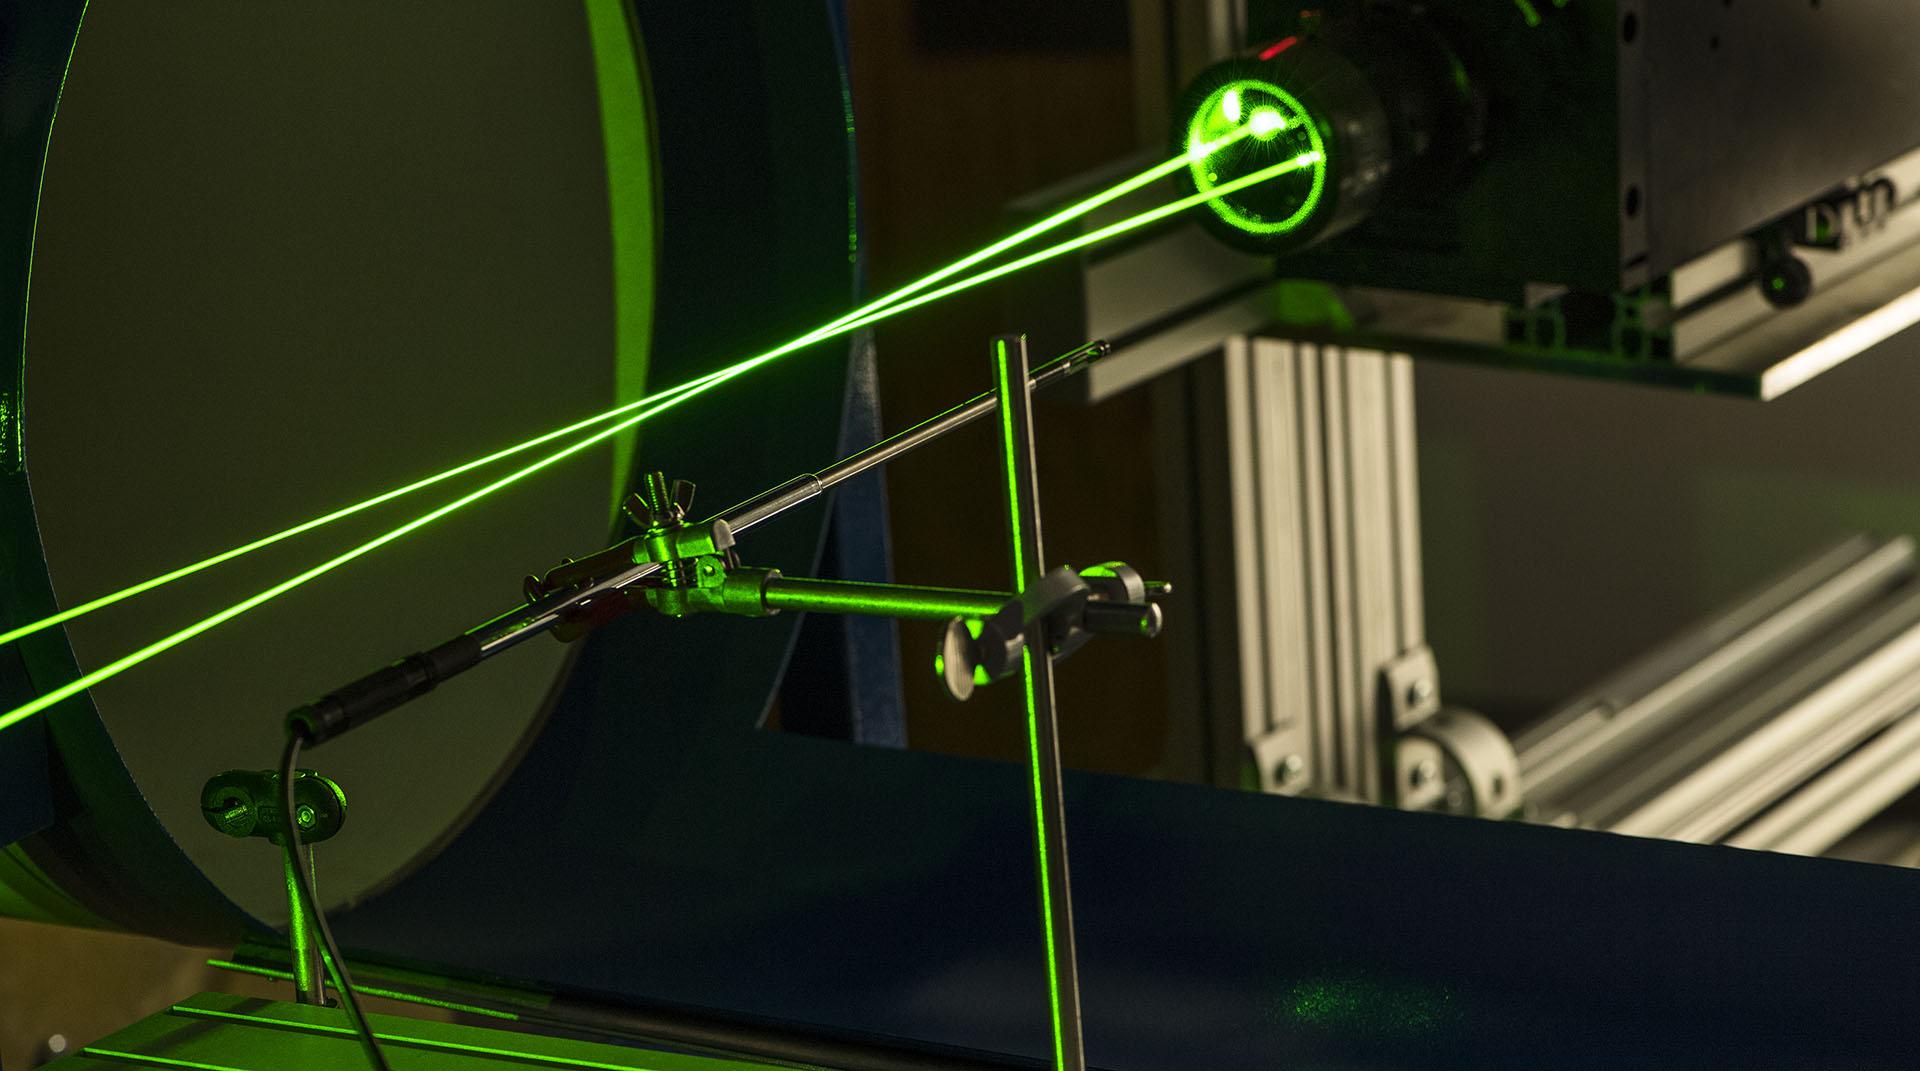 Etalonnage d'anémomètres au laser